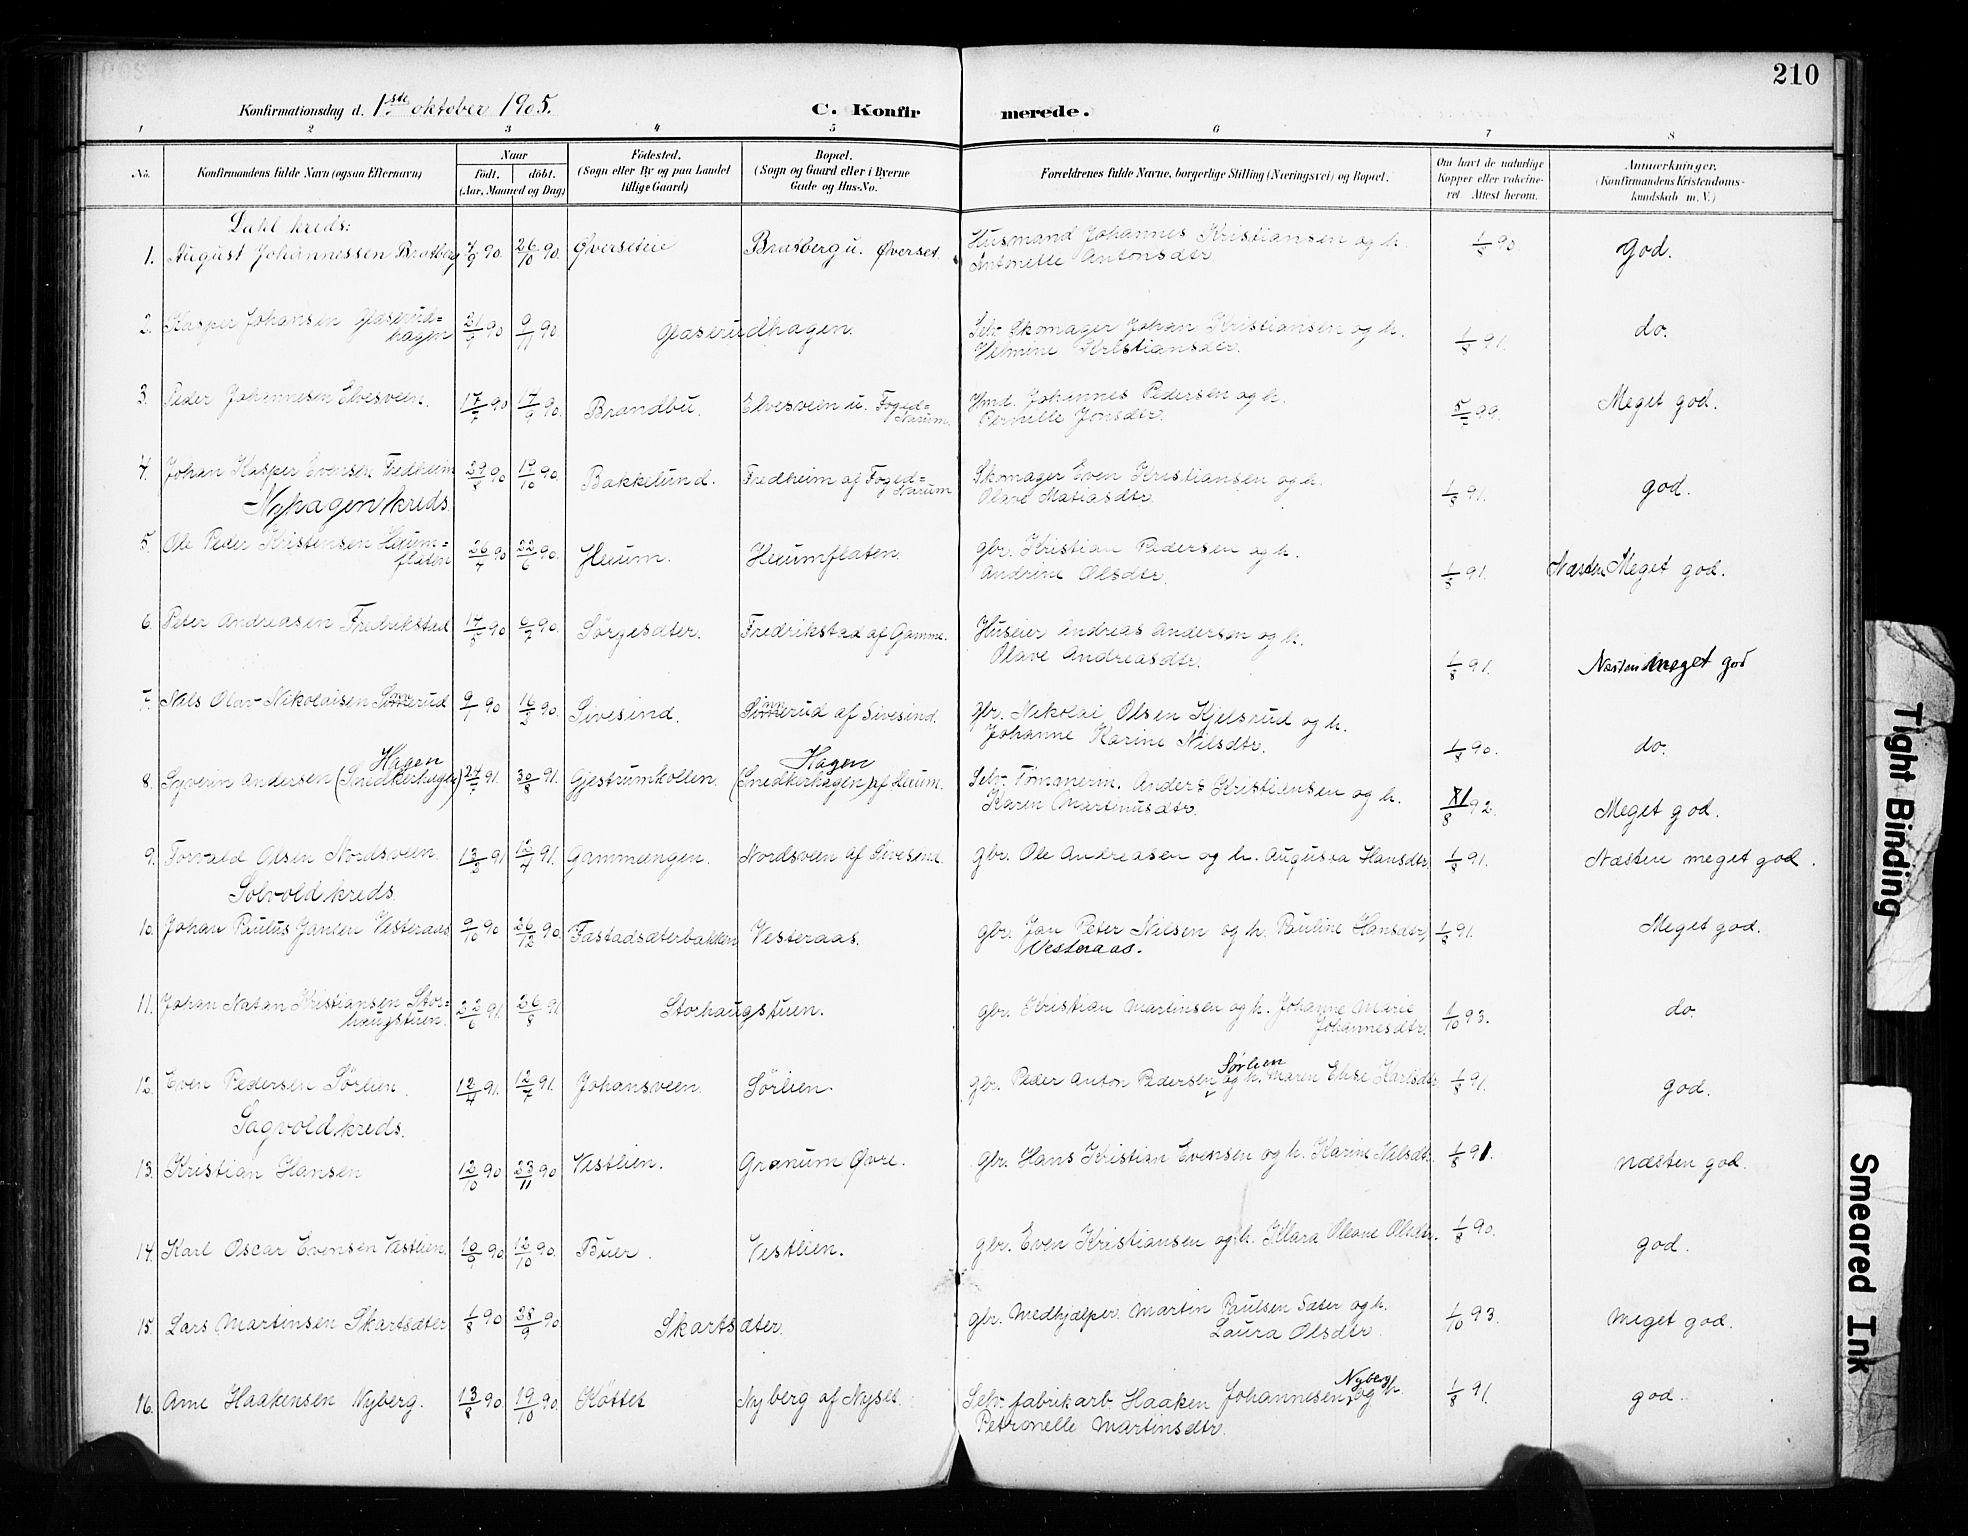 SAH, Vestre Toten prestekontor, Ministerialbok nr. 11, 1895-1906, s. 210